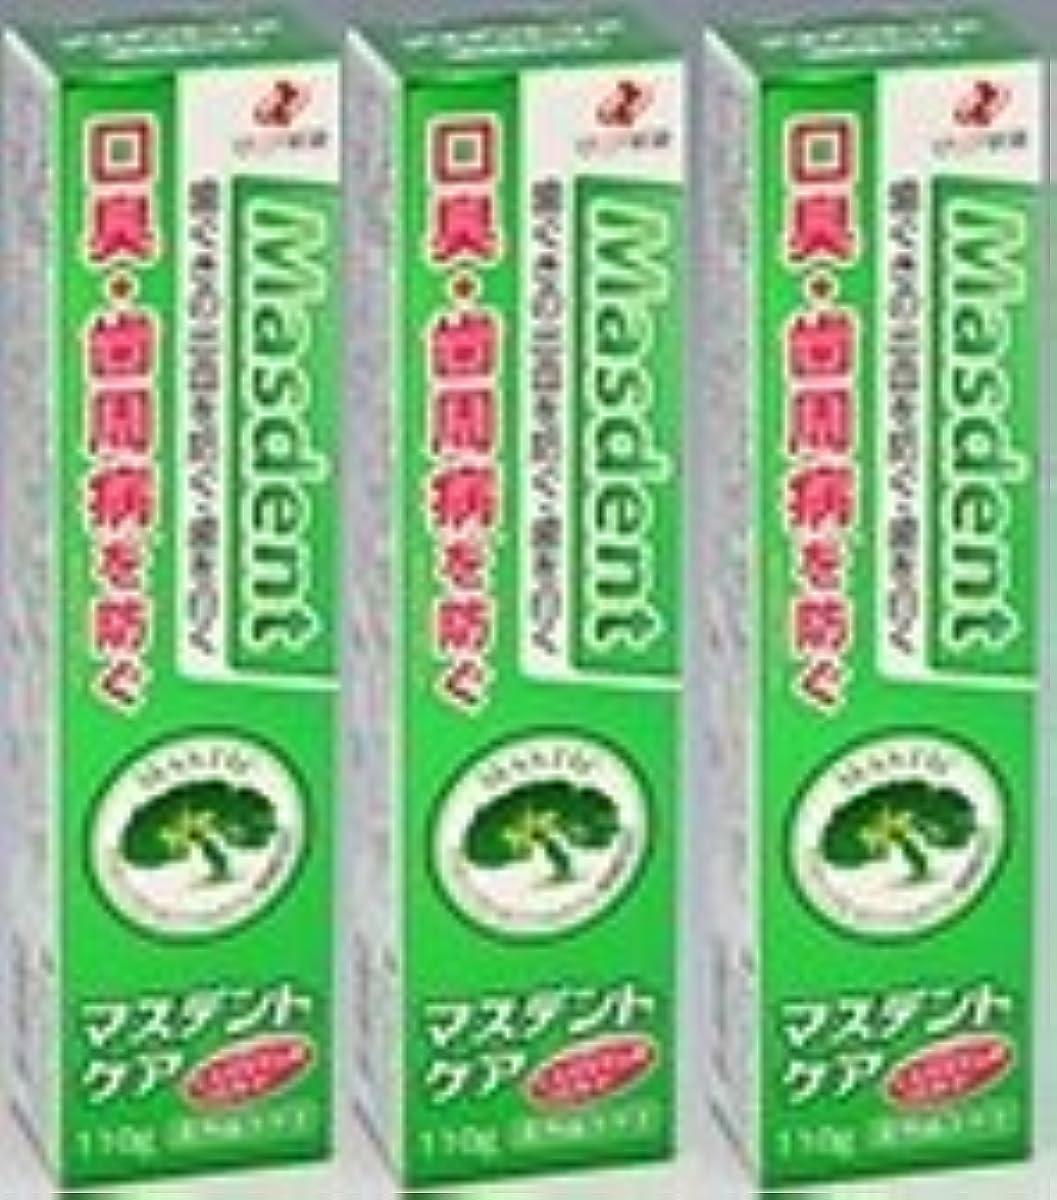 最愛の制限されたサバント薬用歯磨き マスデントケア110g×3本セット